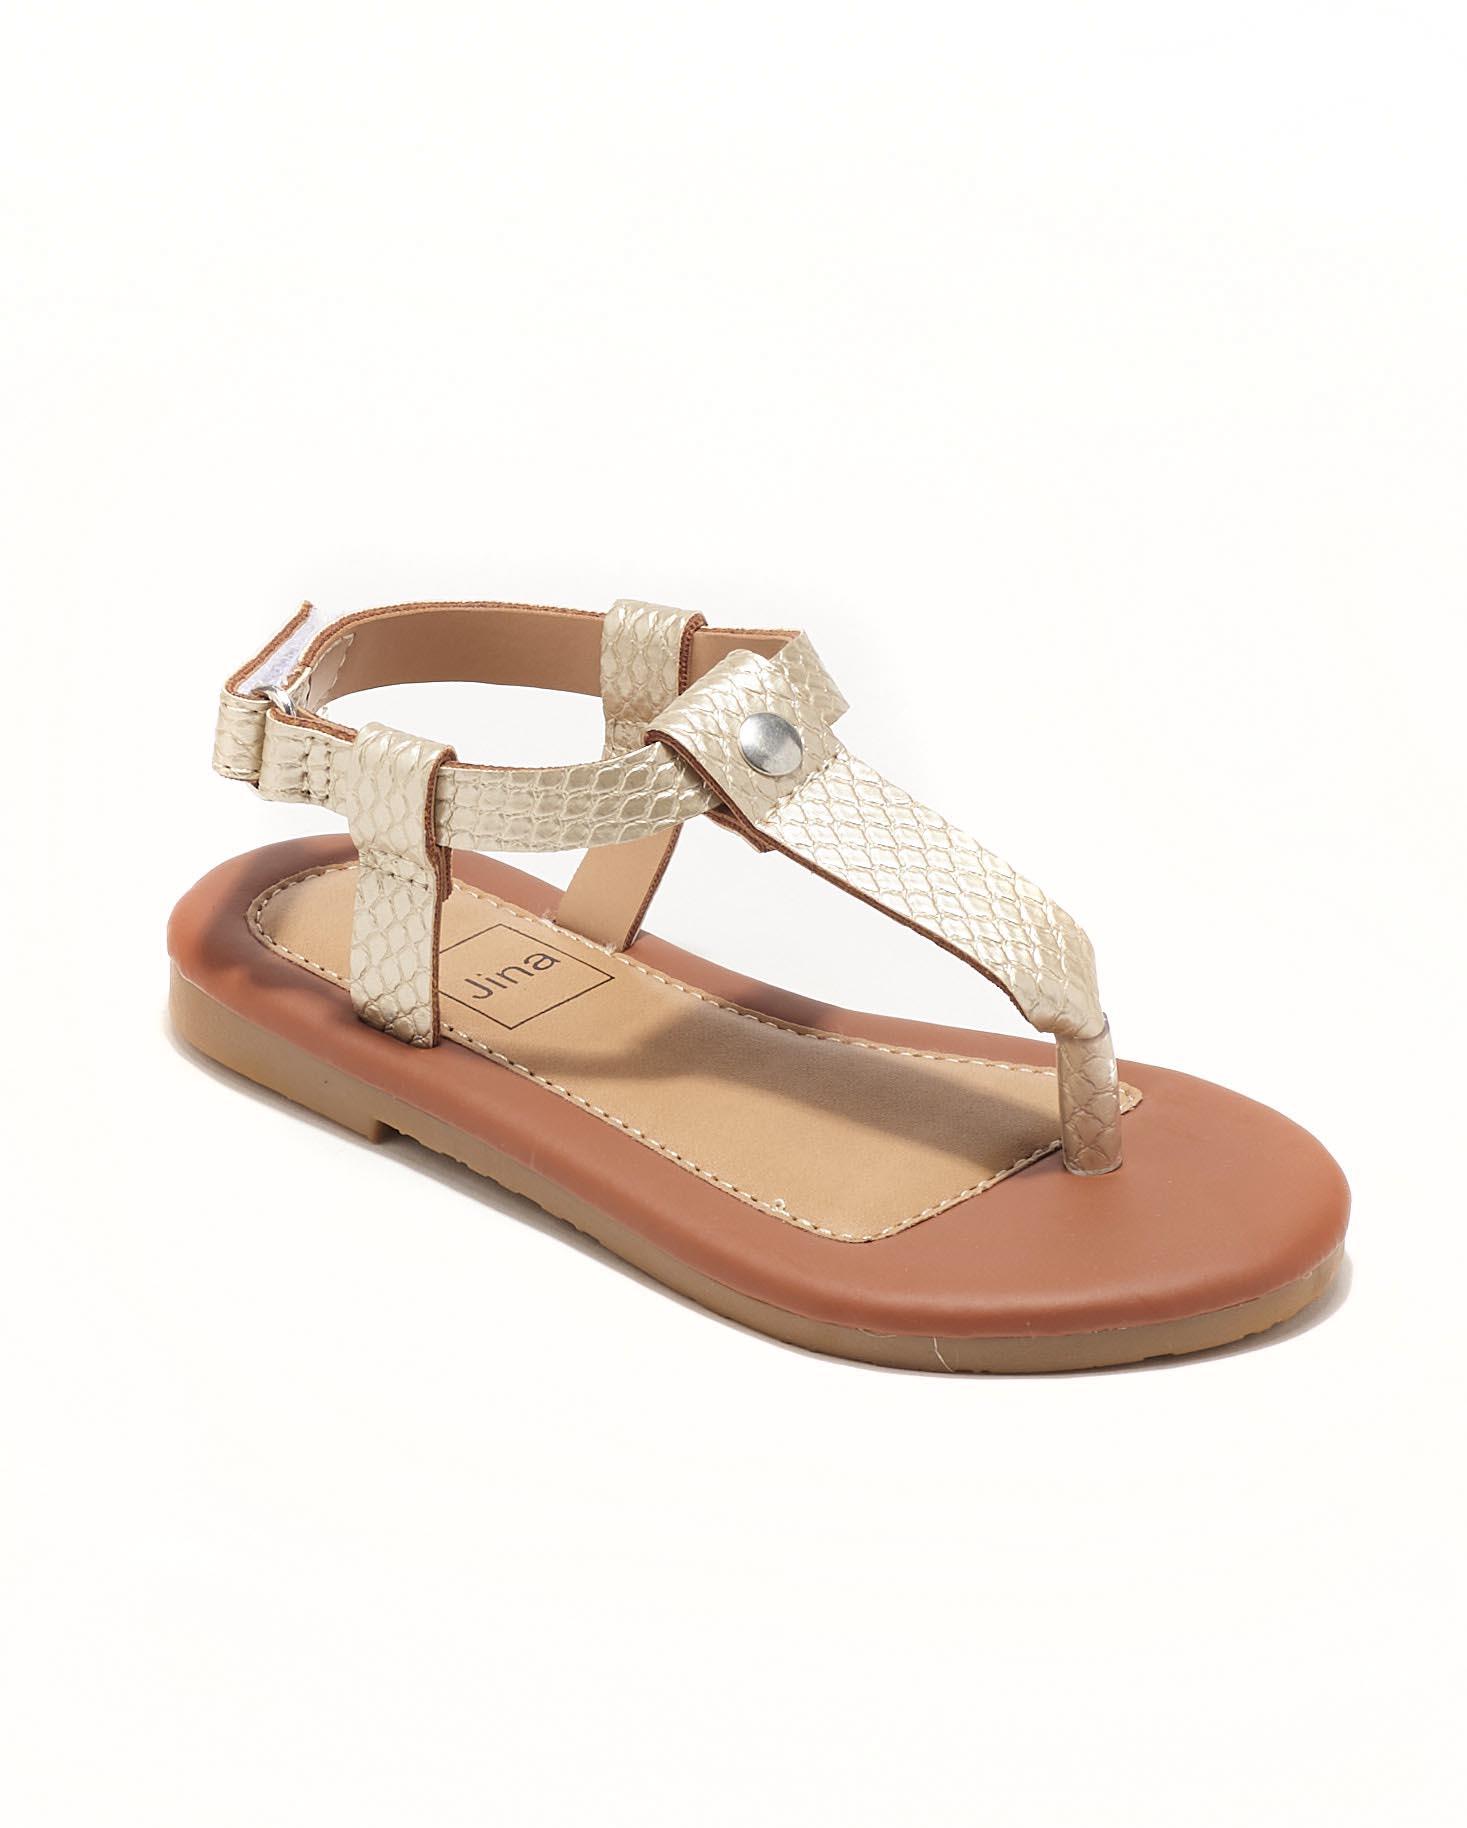 Sandales Fille - Sandale Ouverte Or Jina - Ydxls23j-3